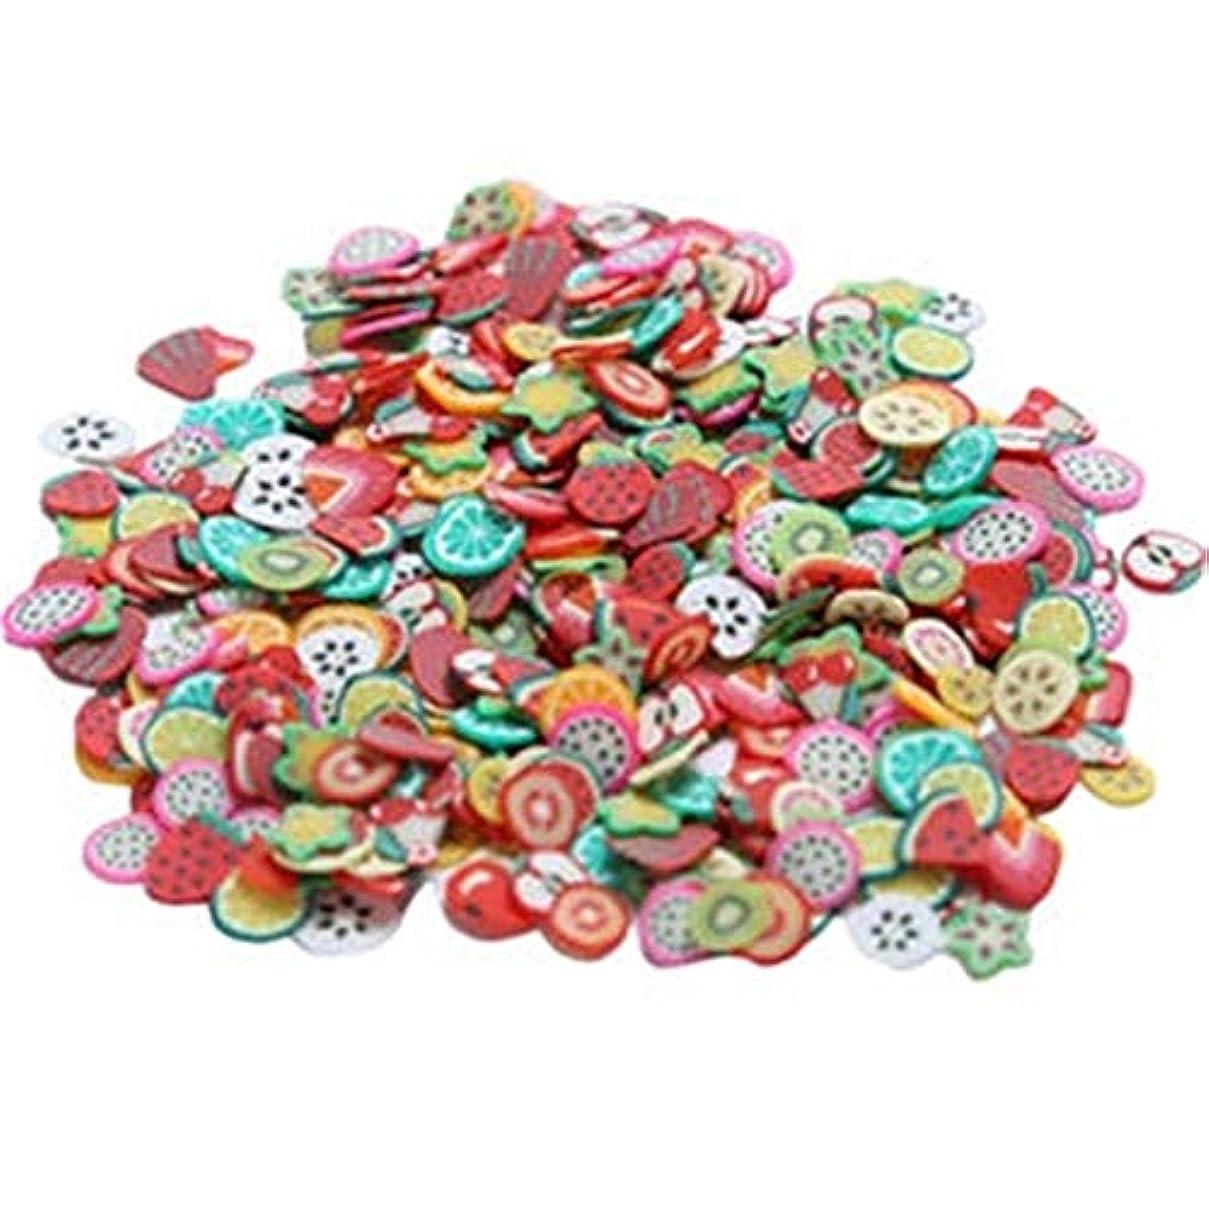 ネイルステッカー ネイルアート 1000個 ネイルデコレーション 多色 フルーツ かわいい オシャレ